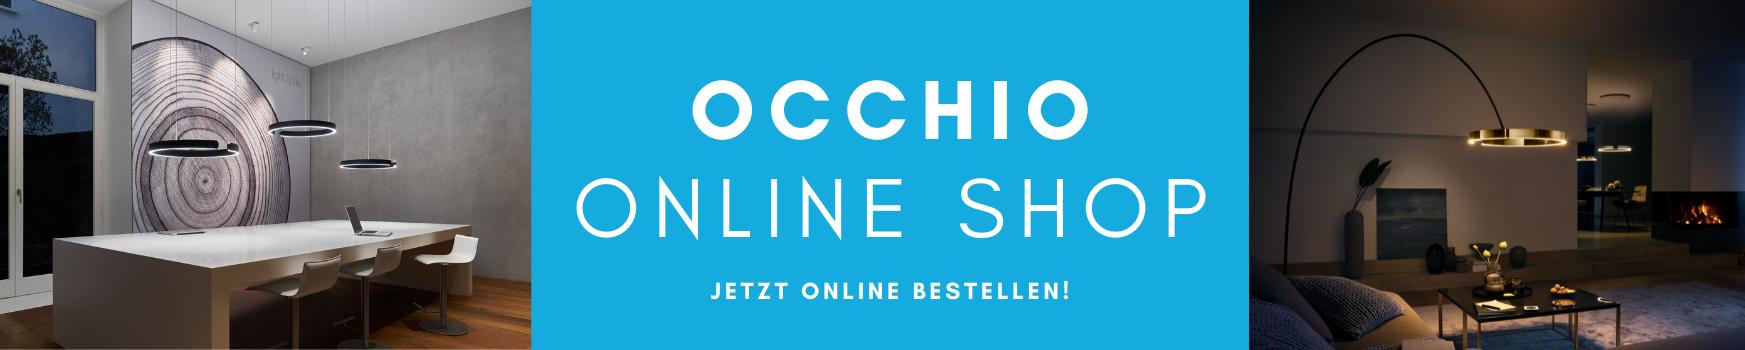 Occhio Online Shop